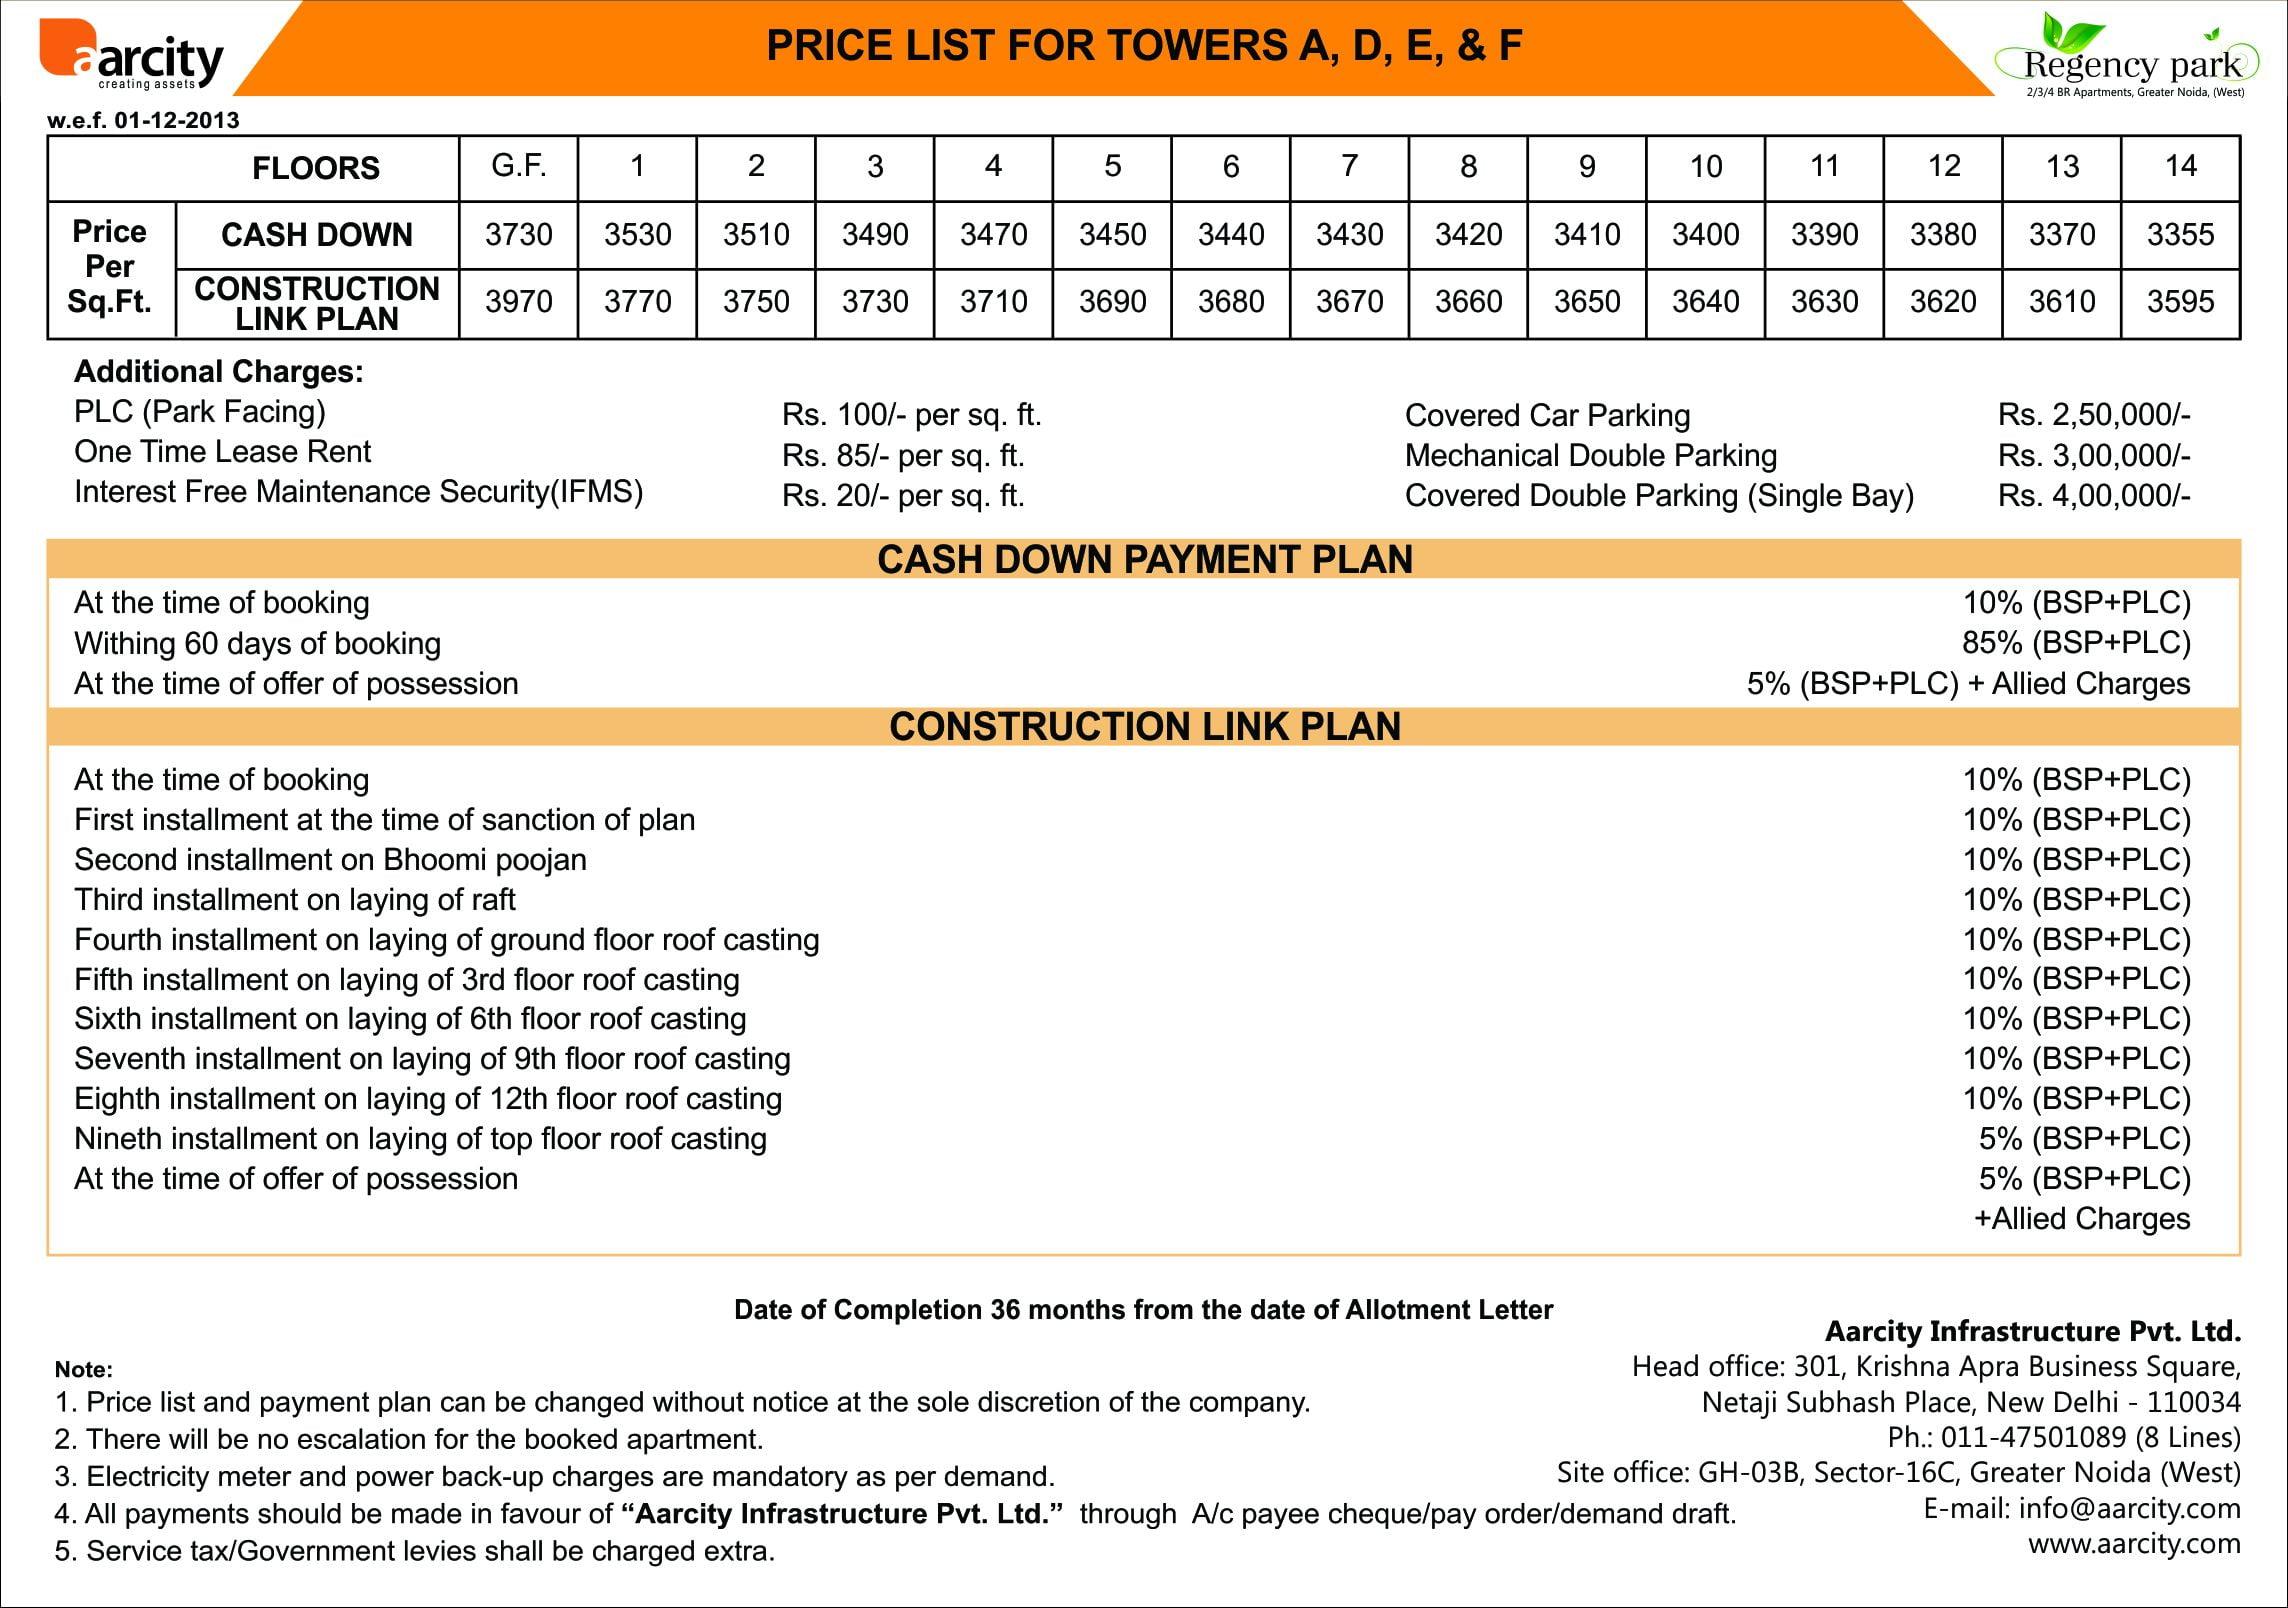 Price List Tower A,D, E & F w.e.f. 01.12.2013